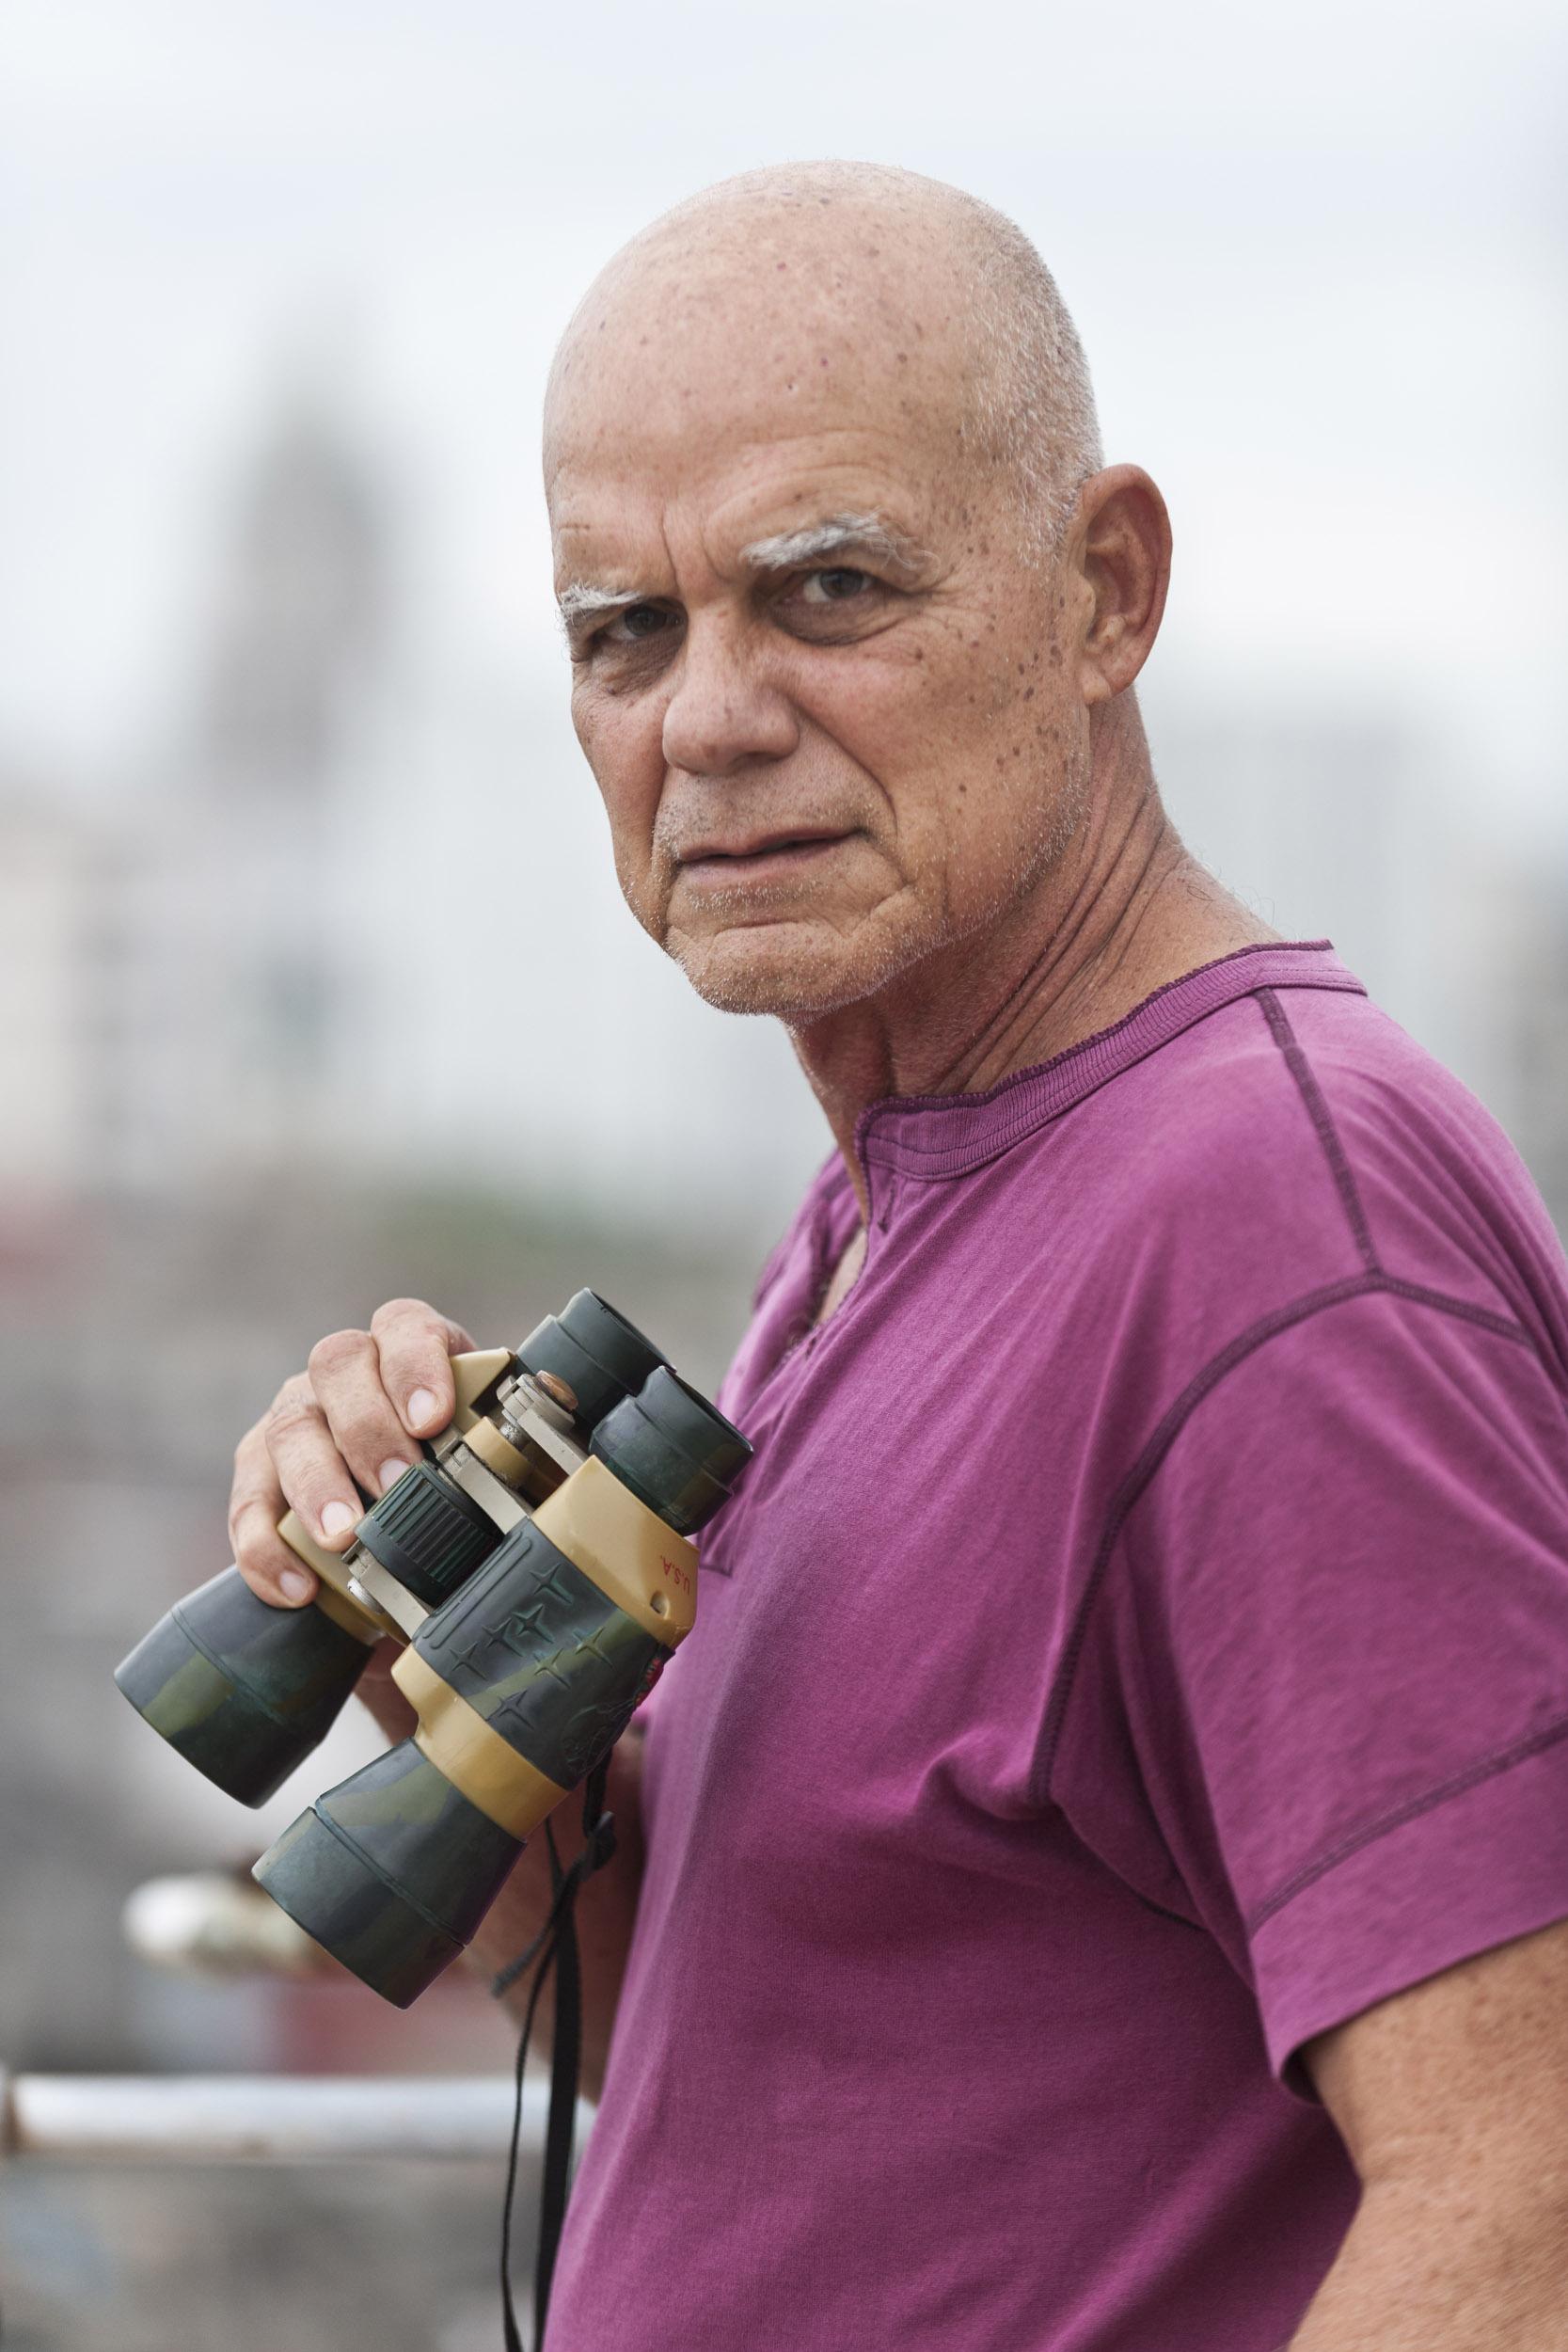 Pedro Juan Gutiérrez, writer - Illuminated Cuba - Hector Garrido, Aerial and human photography